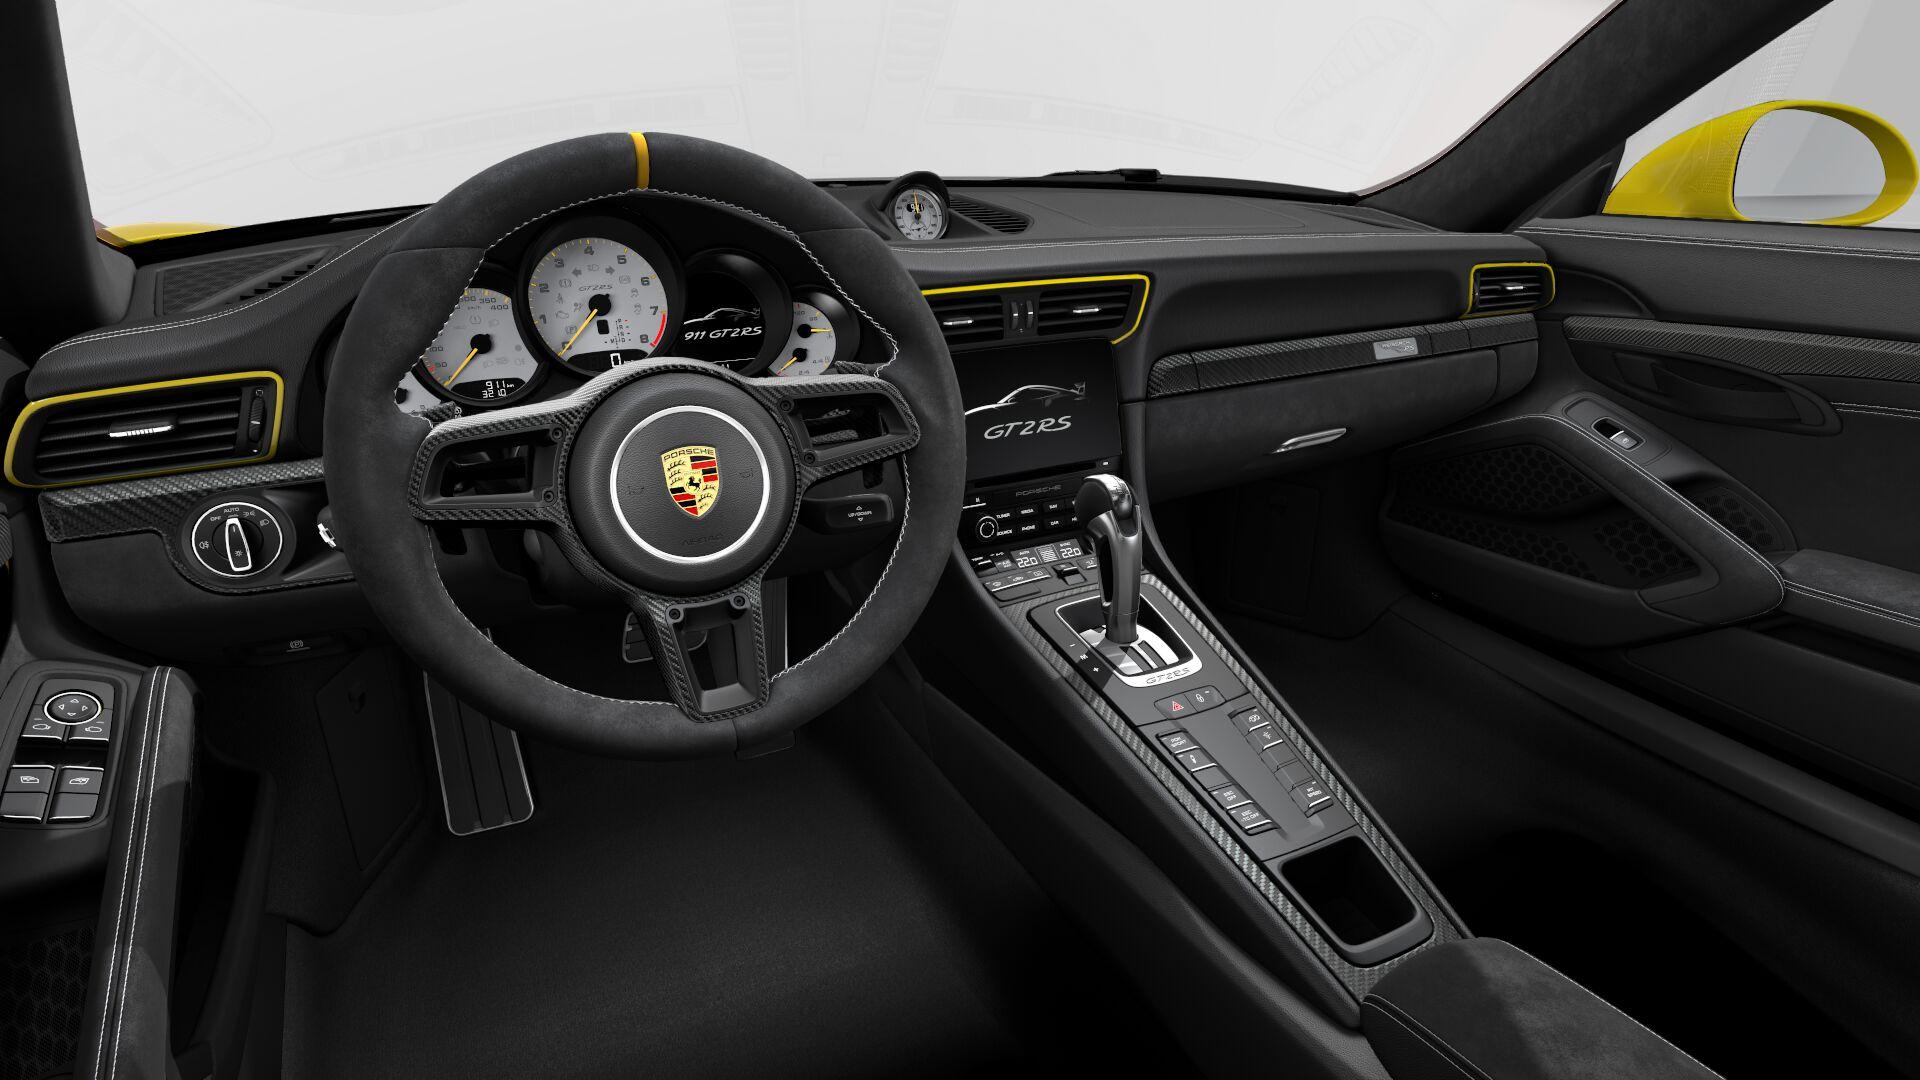 Porsche только запустил свой онлайн-конфигуратор для нового Porsche 911 GT2 RS, чтобы каждый мог проявить свои самые дикие фантазии.